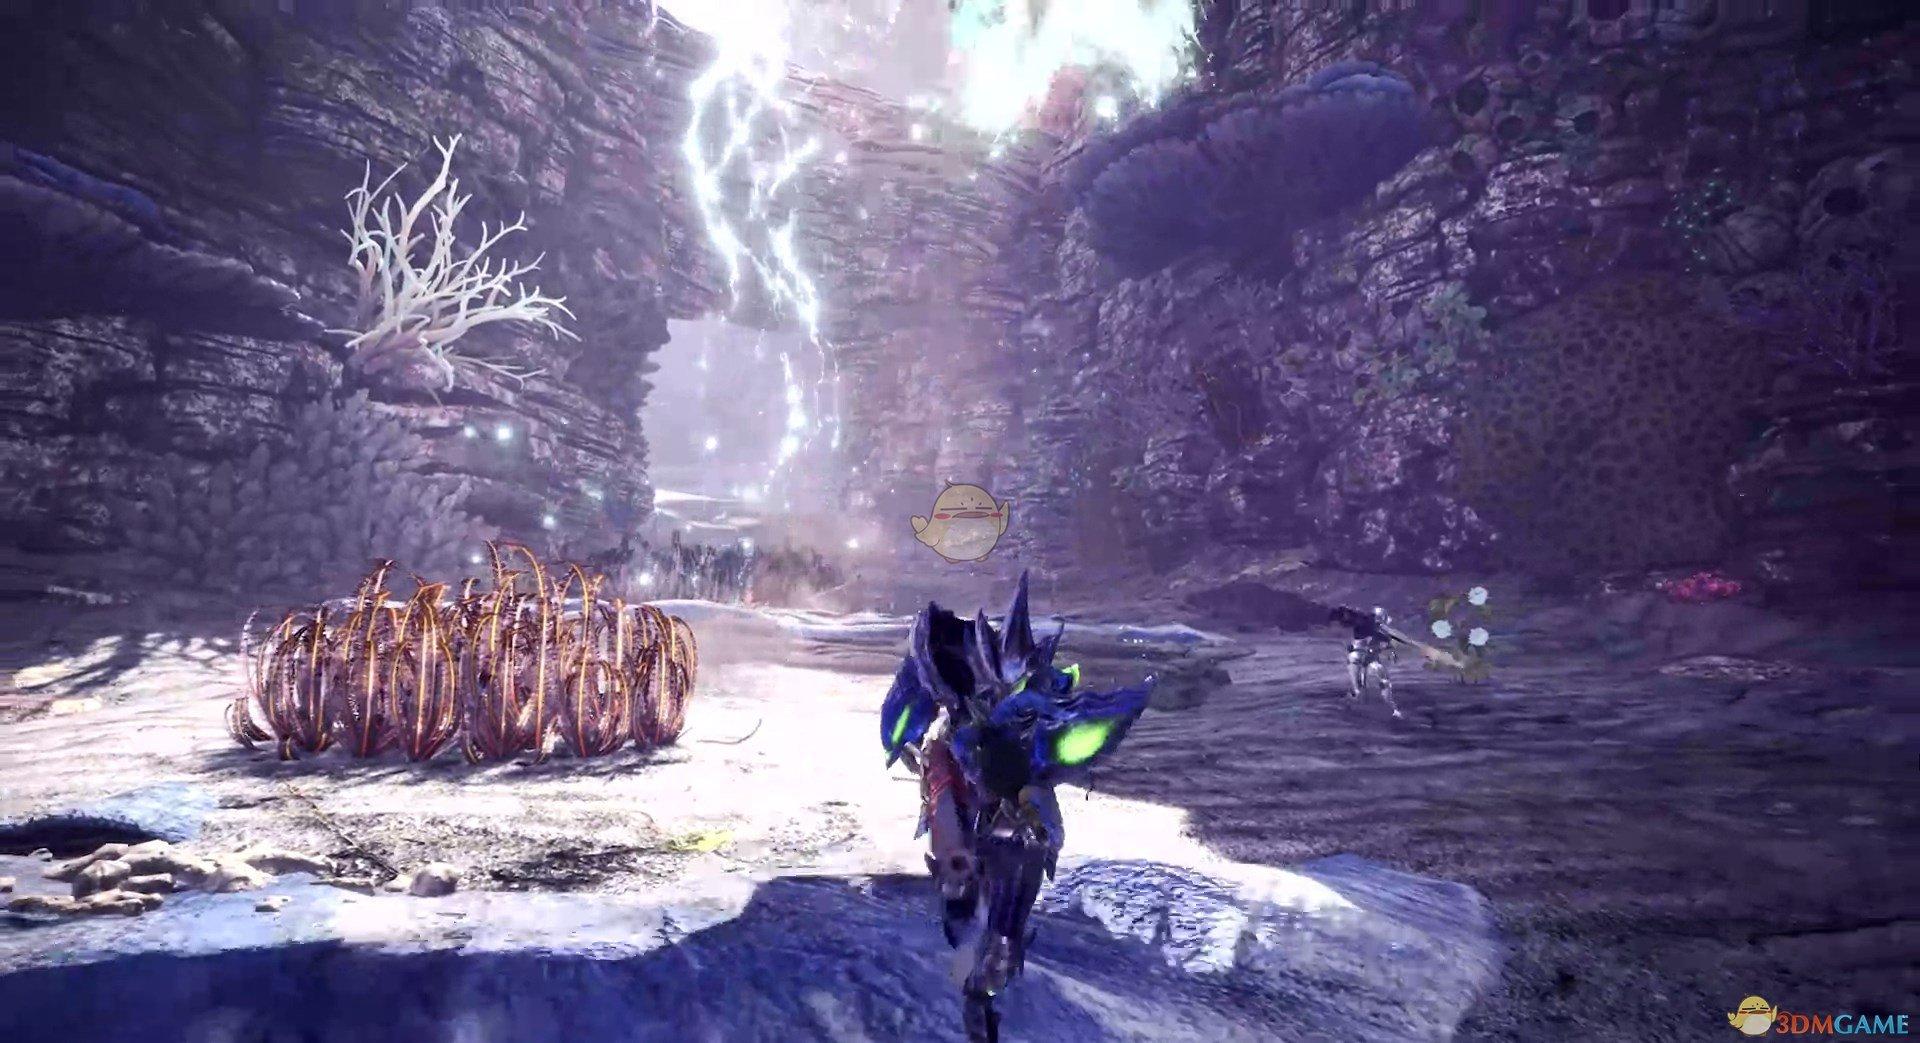 《怪物猎人:世界》冰原DLC狩猎笛响音攻击效果介绍